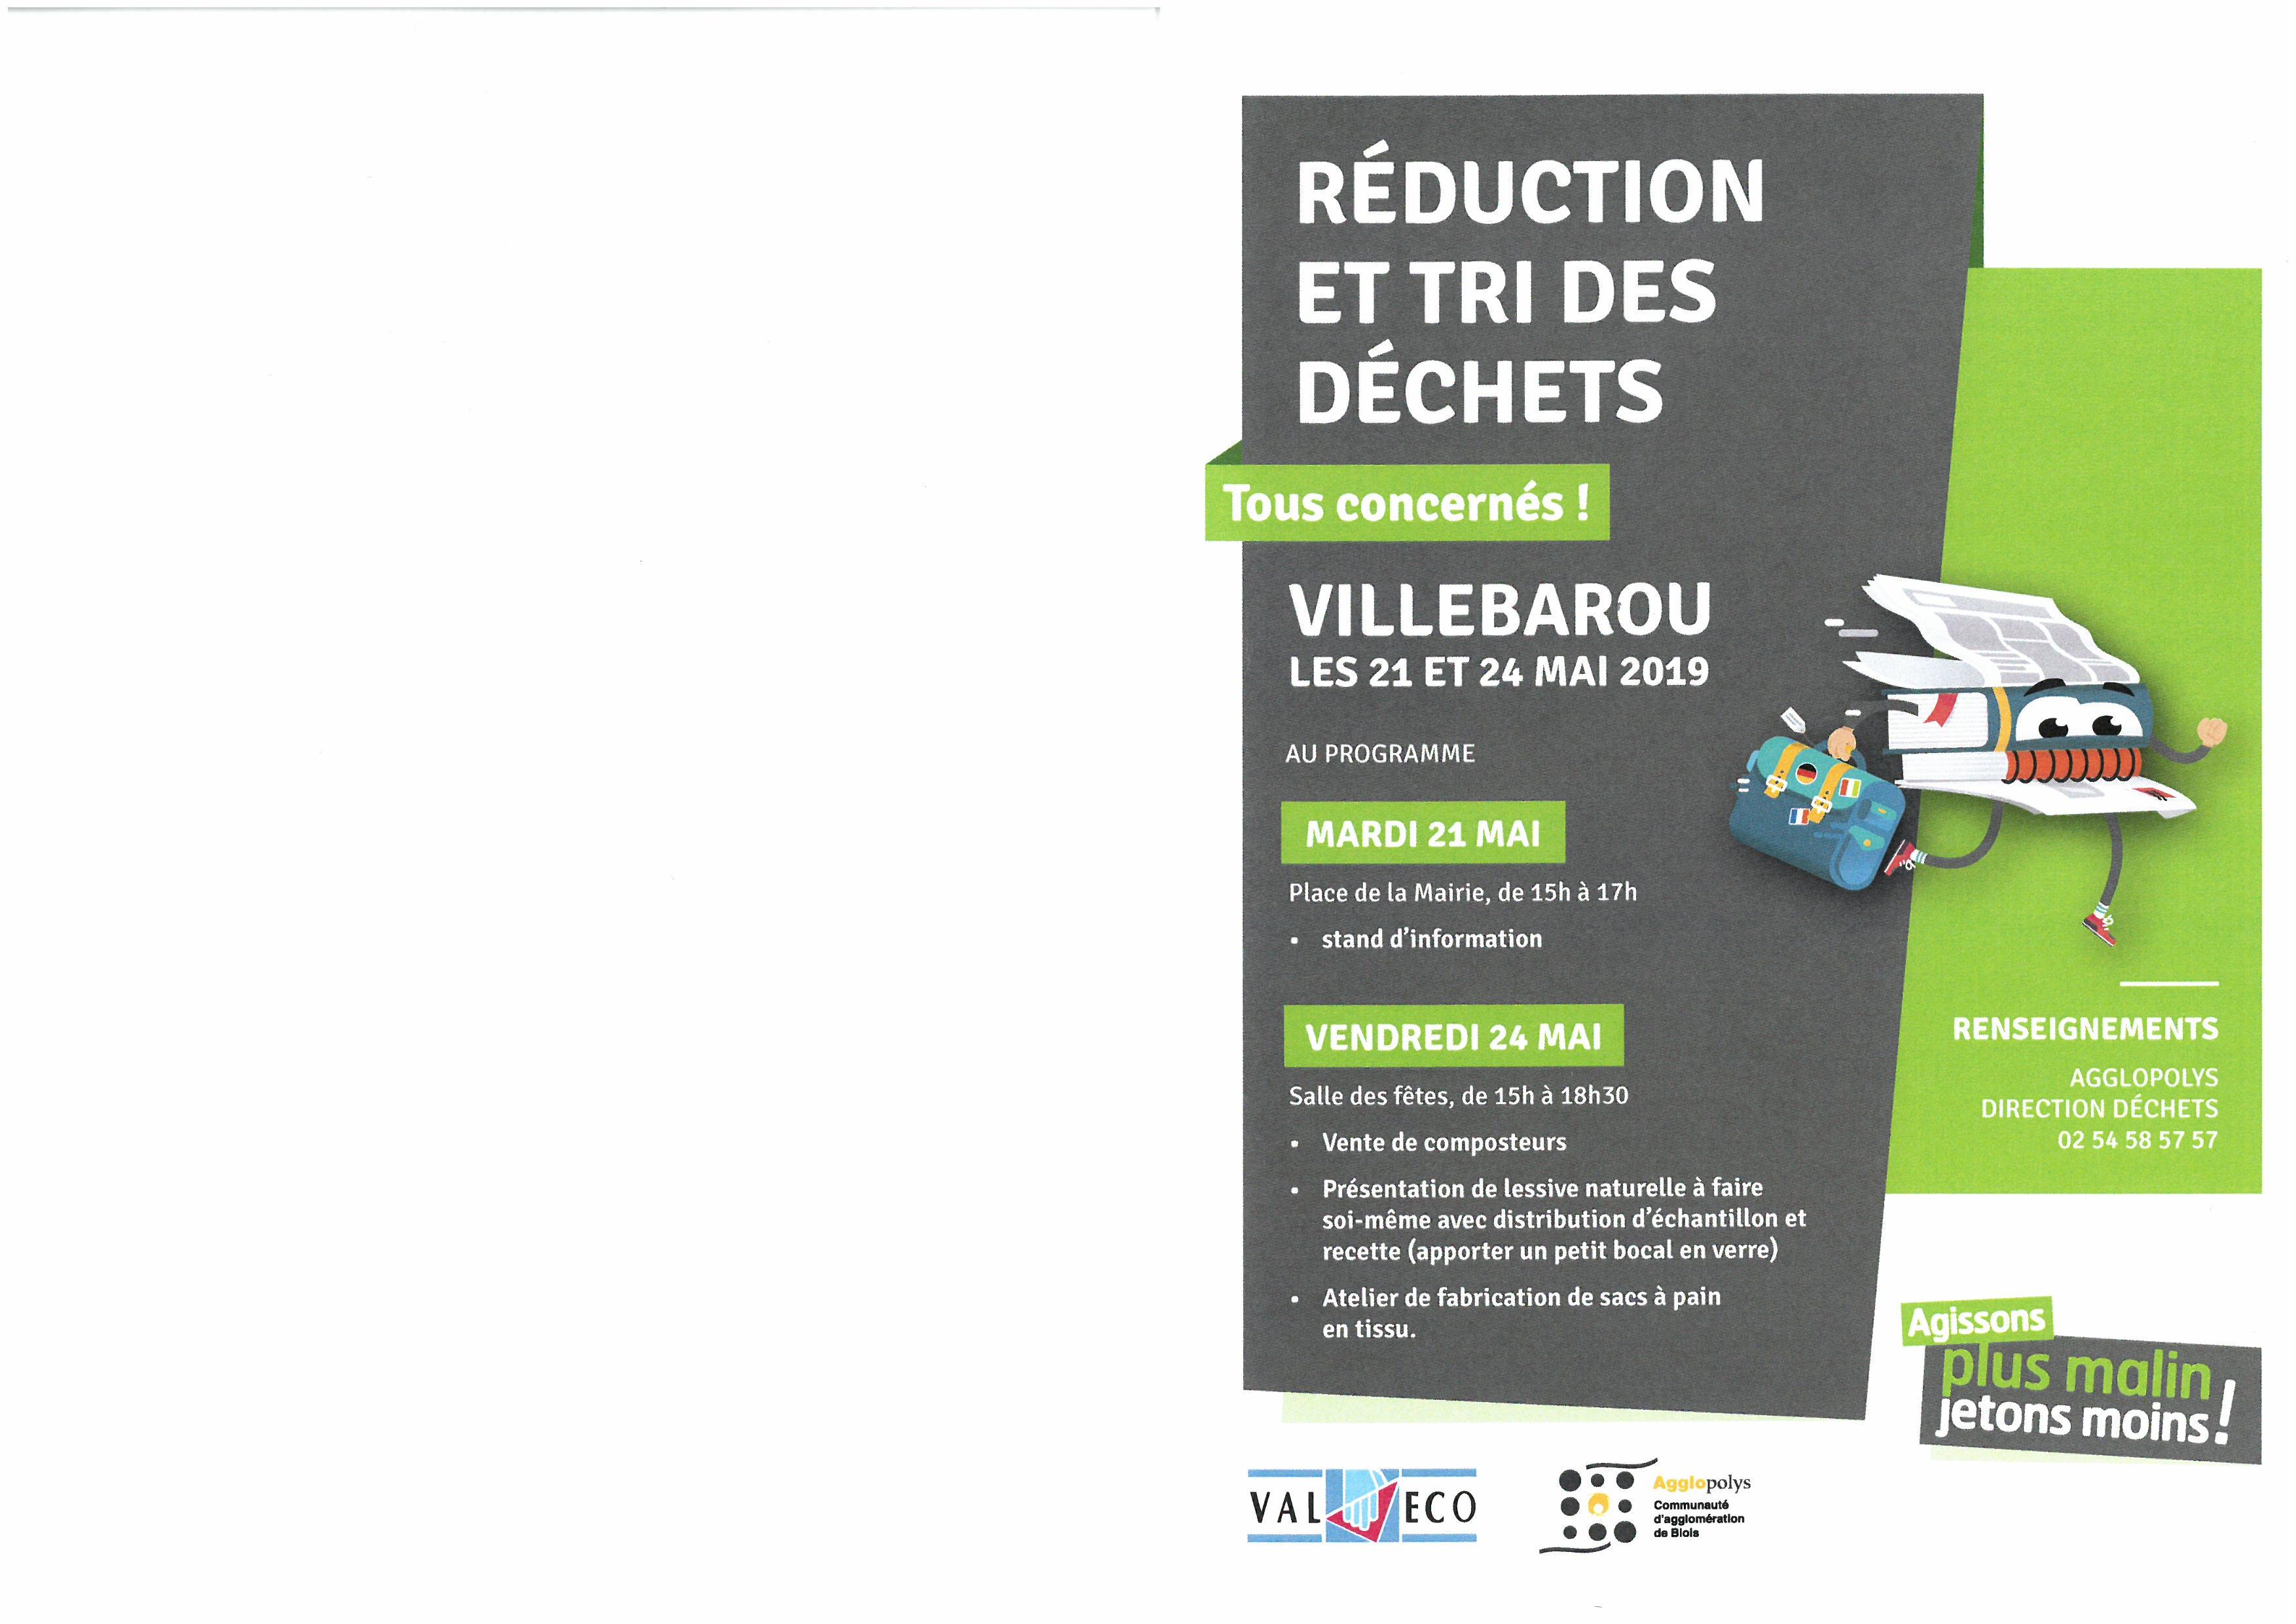 Semaine Réduction et tri  des déchets à Villebarou